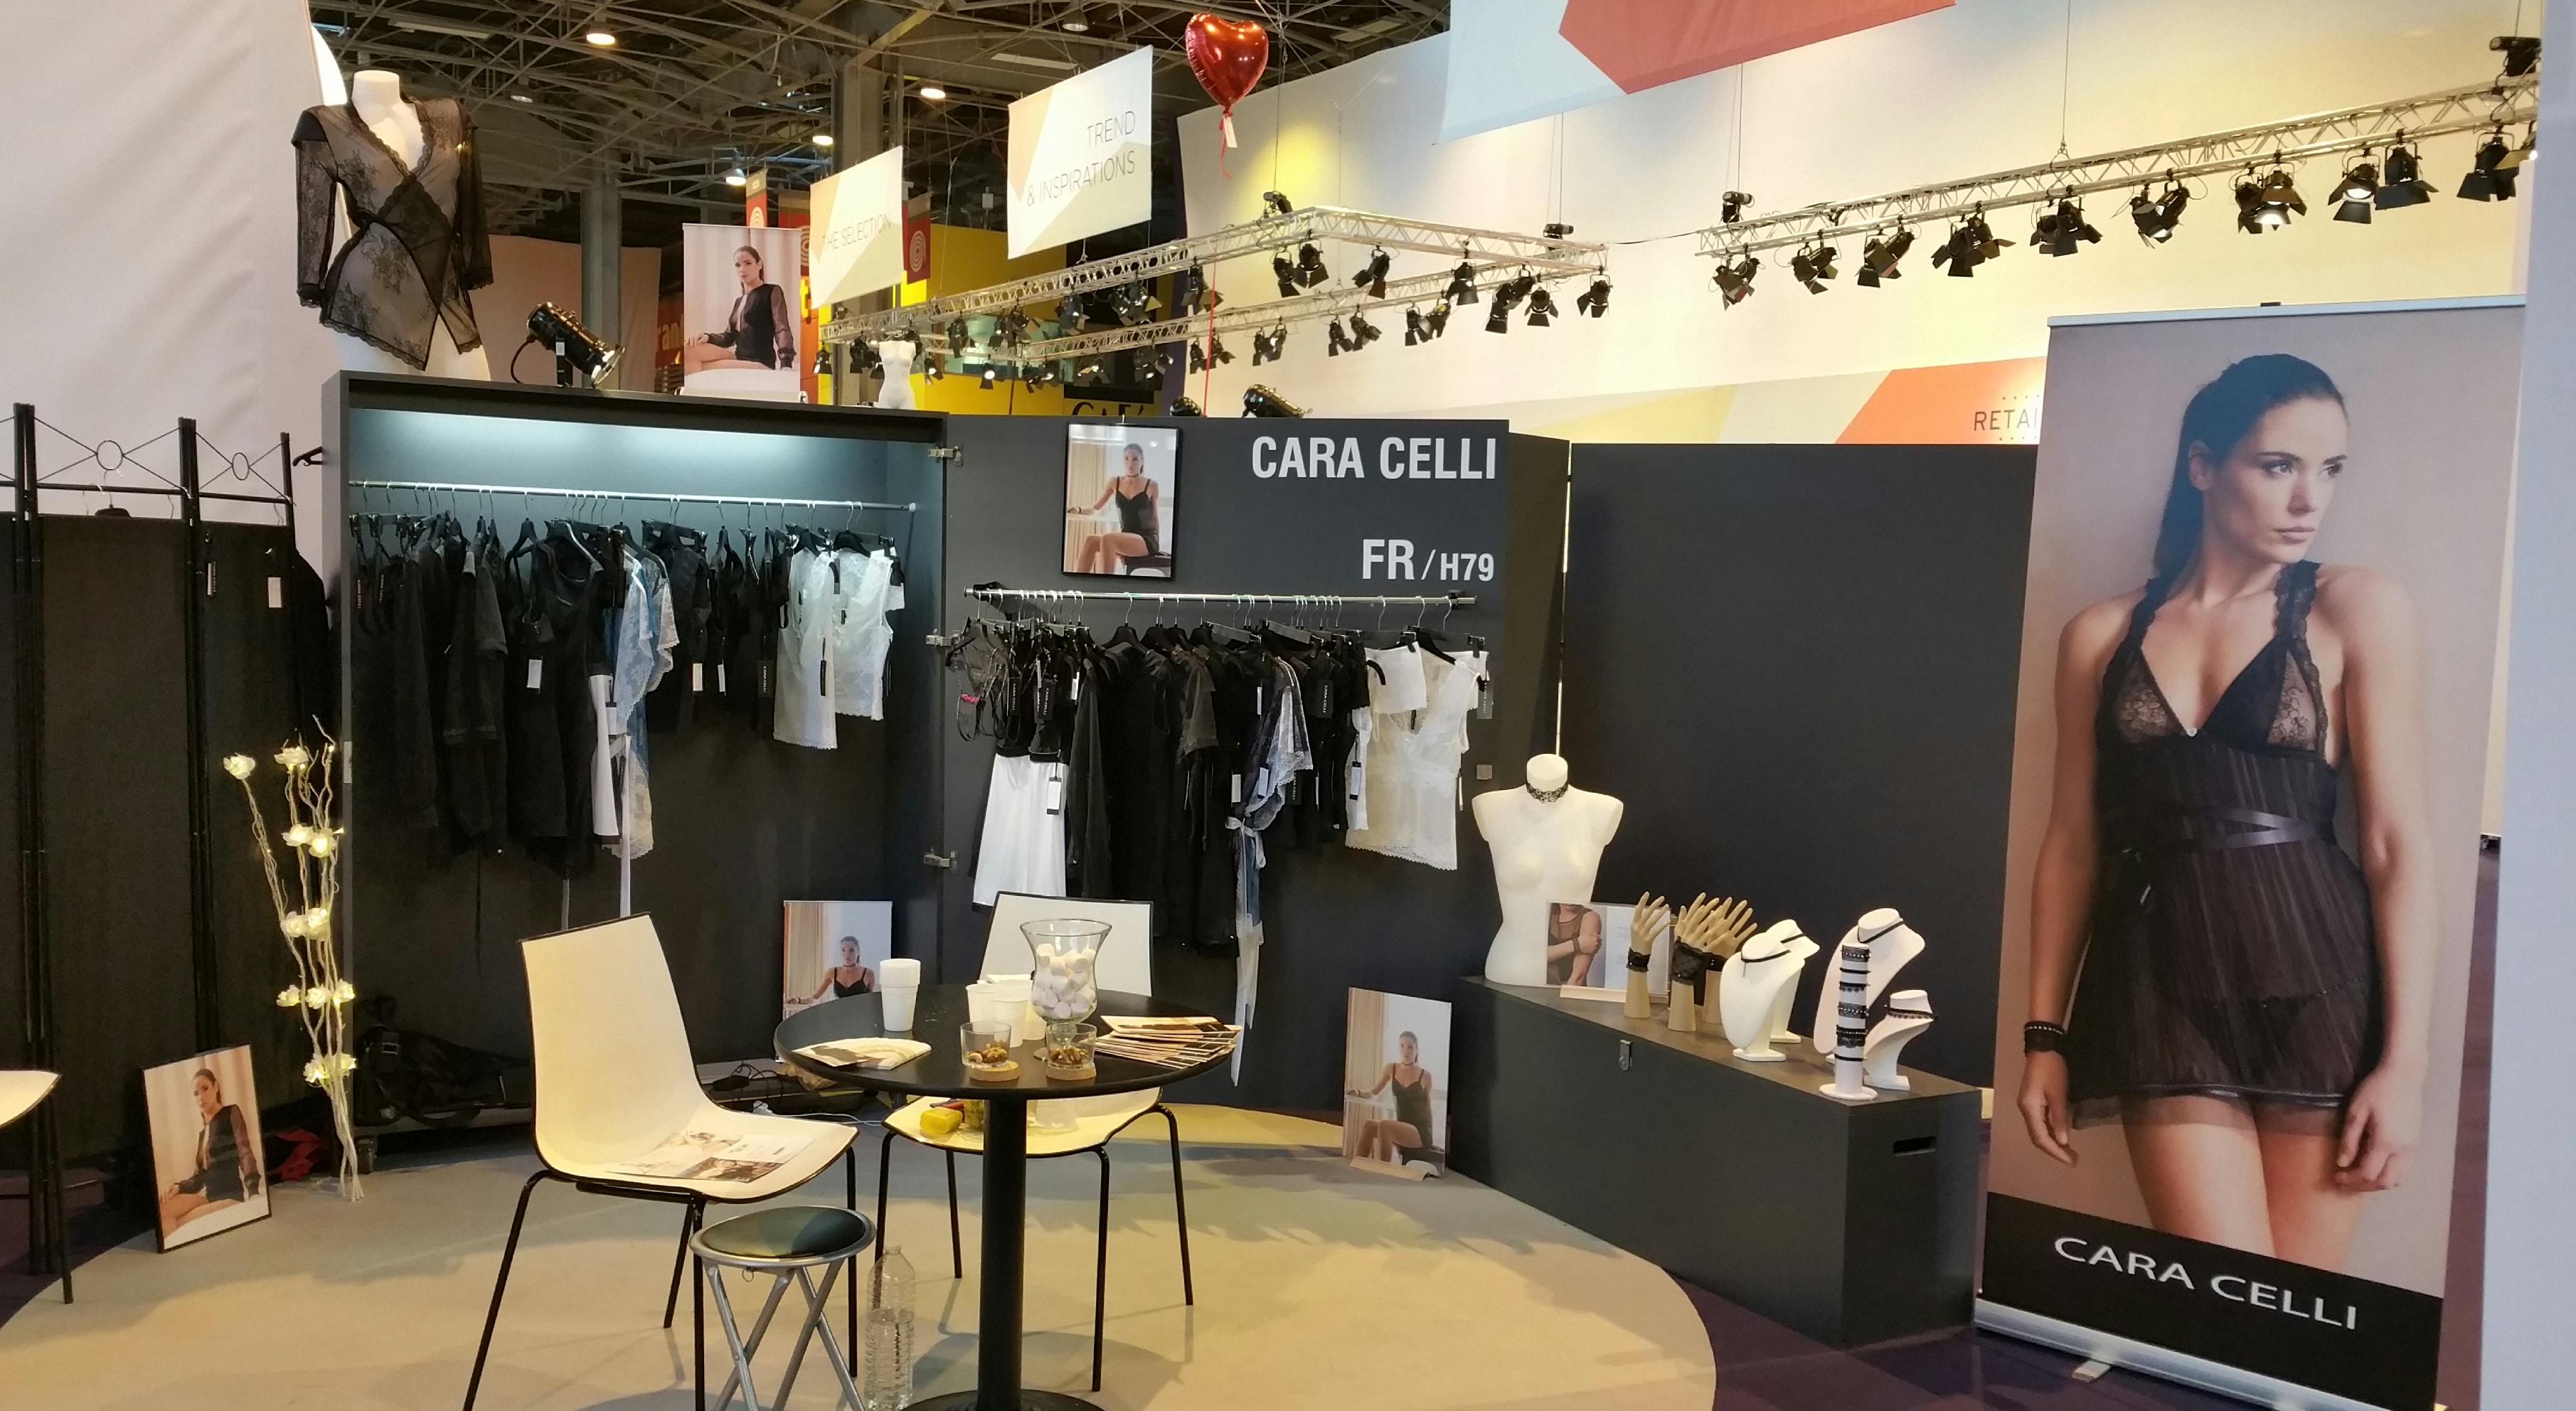 Paris d fil au salon international de la lingerie caracelli for Salon international lingerie